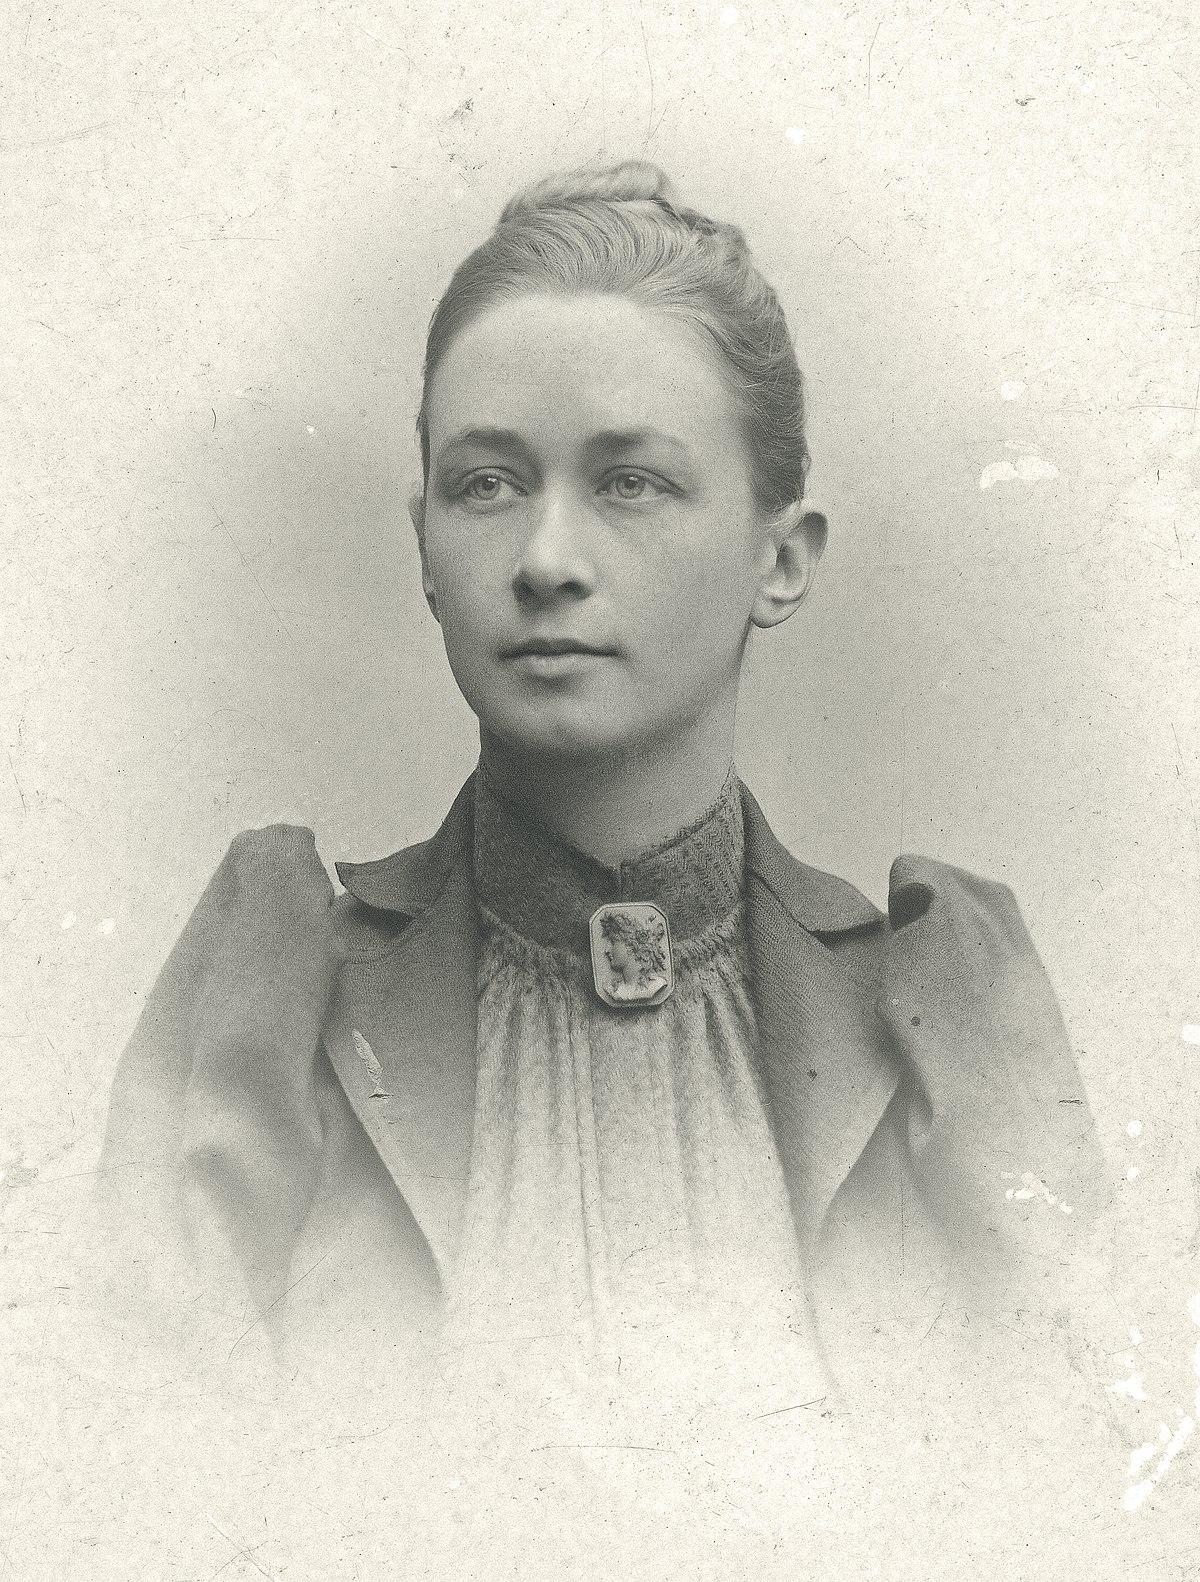 1200px-Hilma_af_Klint,_portrait_photograph_published_in_1901